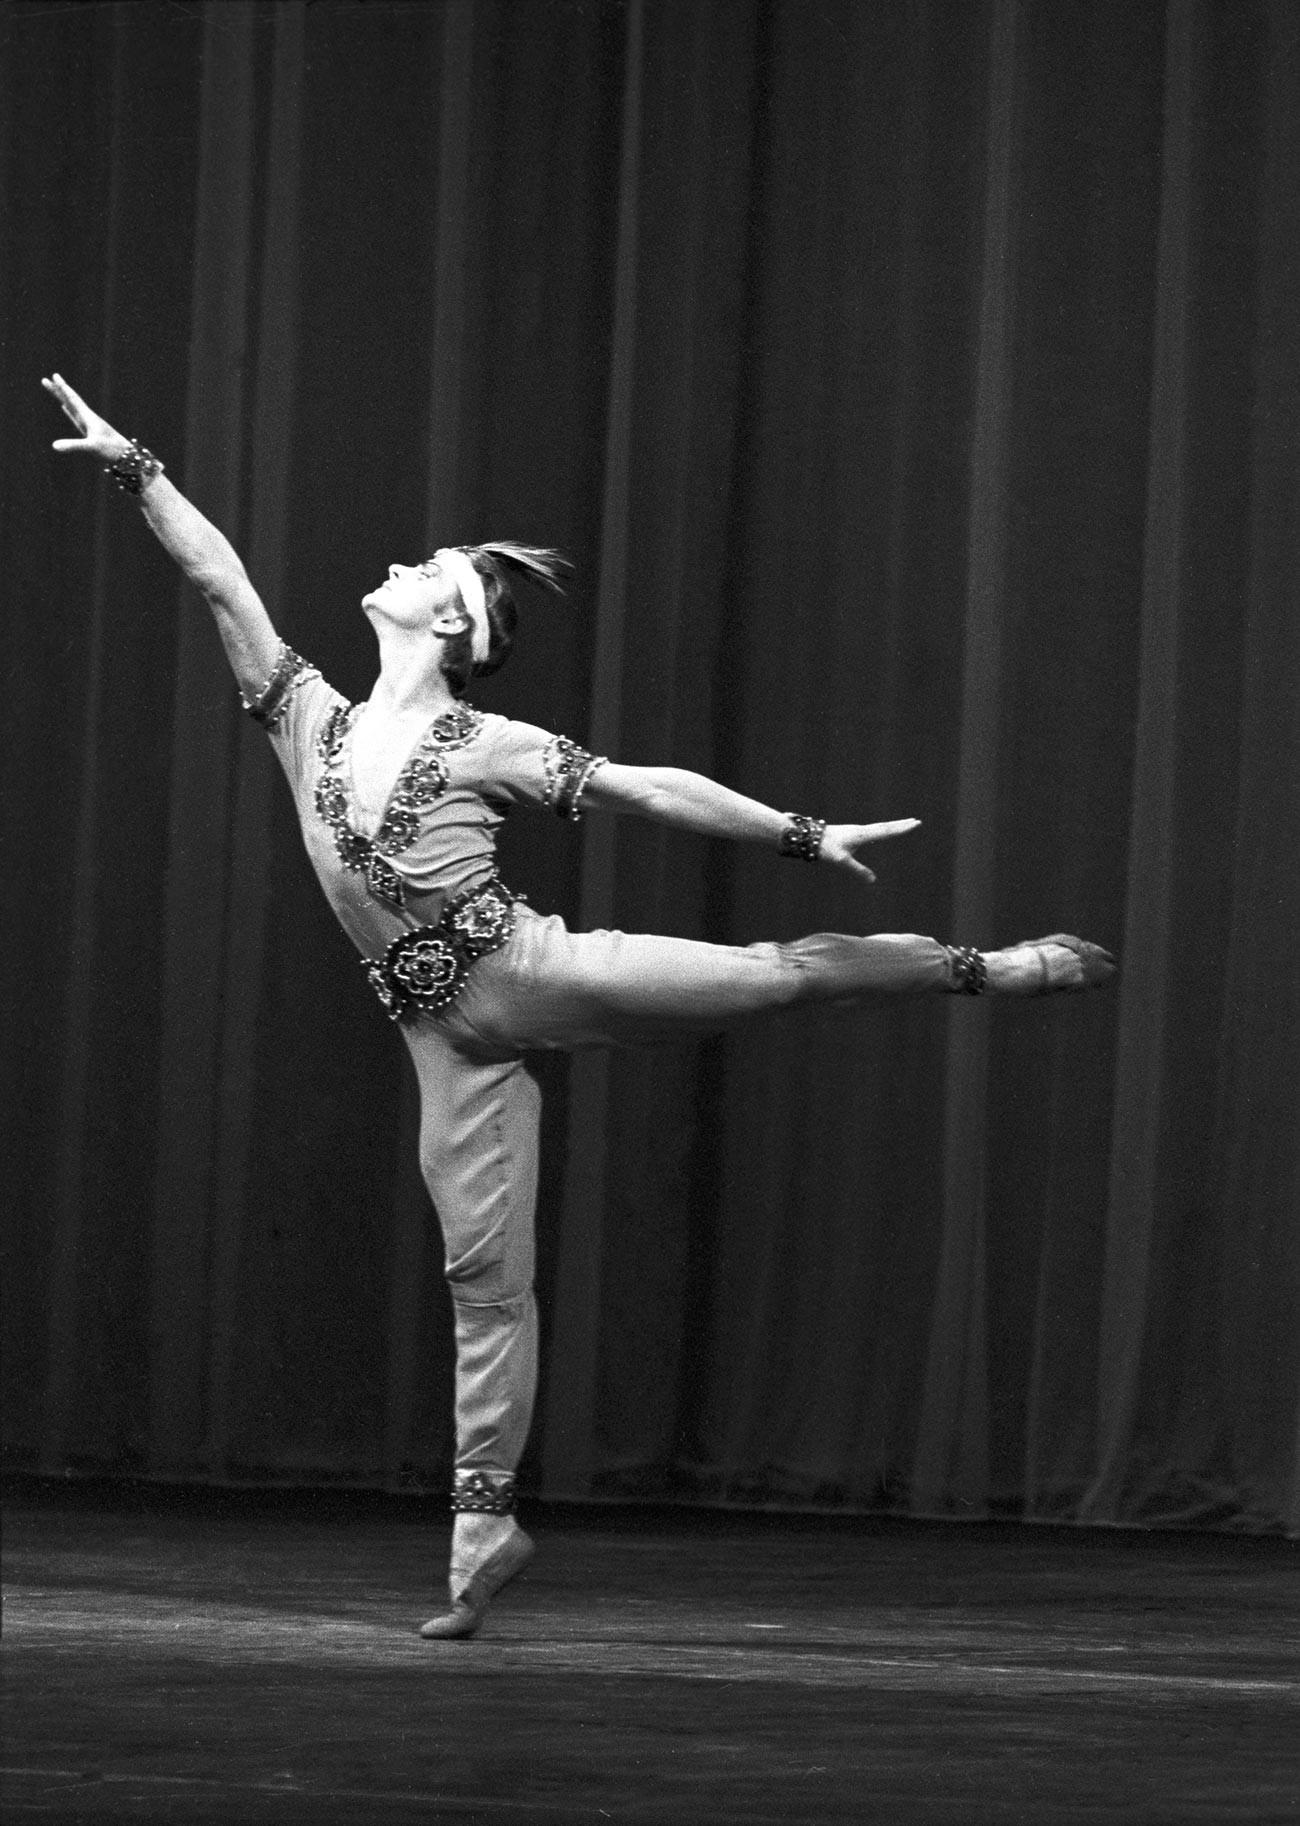 Le danseur de ballet soviétique Mikhaïl Barychnikov sur la scène théâtre Kirov (aujourd'hui le théâtre Mariinsky) interprète une partie solo dans le ballet Le Corsaire